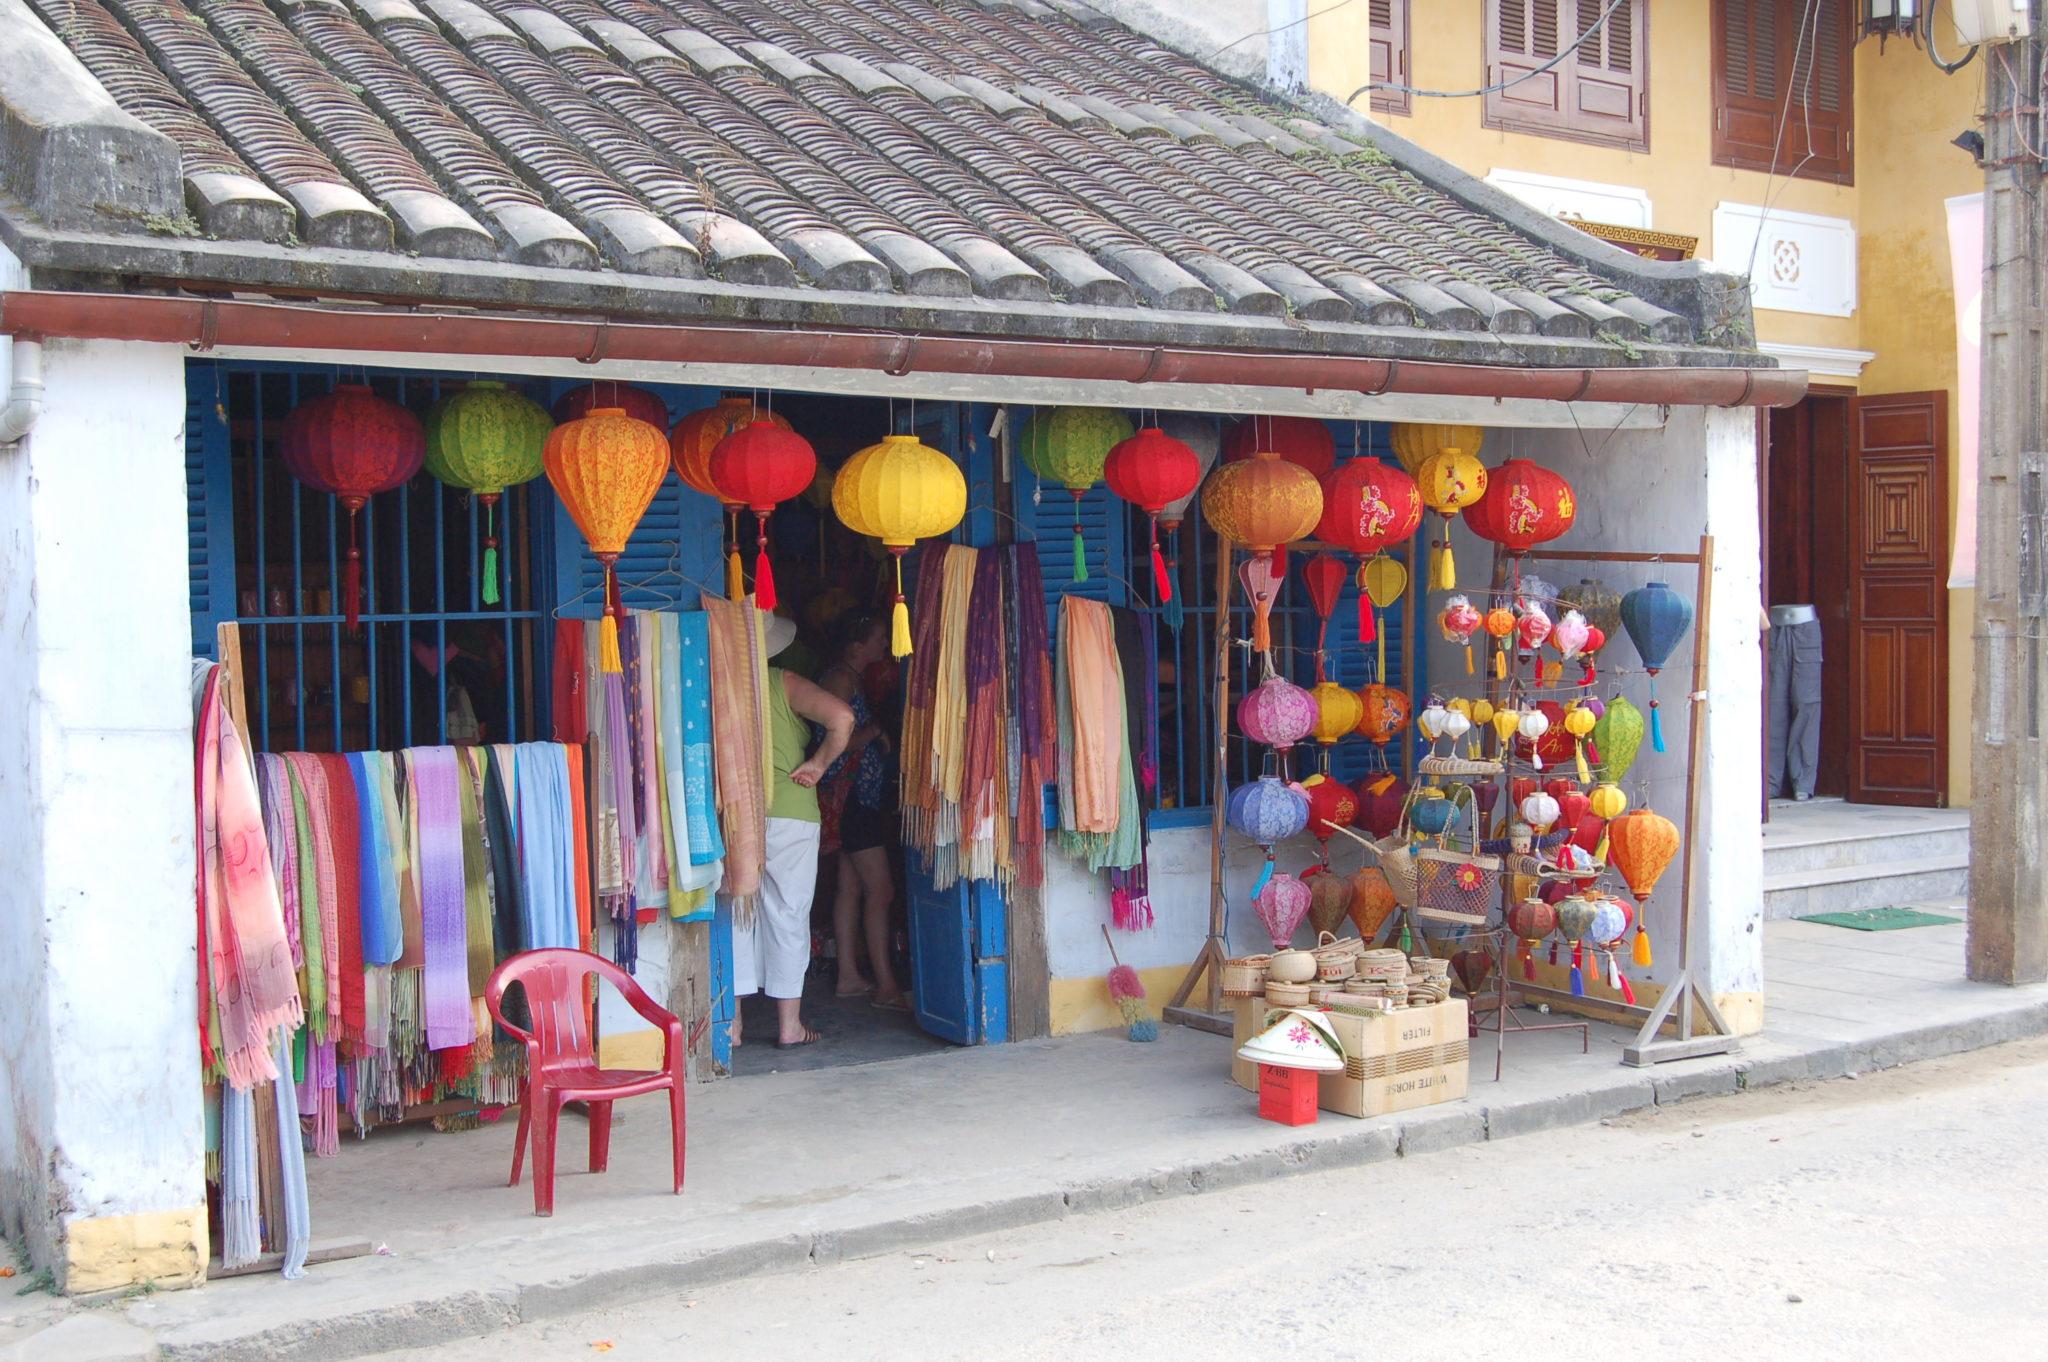 Lsntern shop, Hoi An, Vietnam